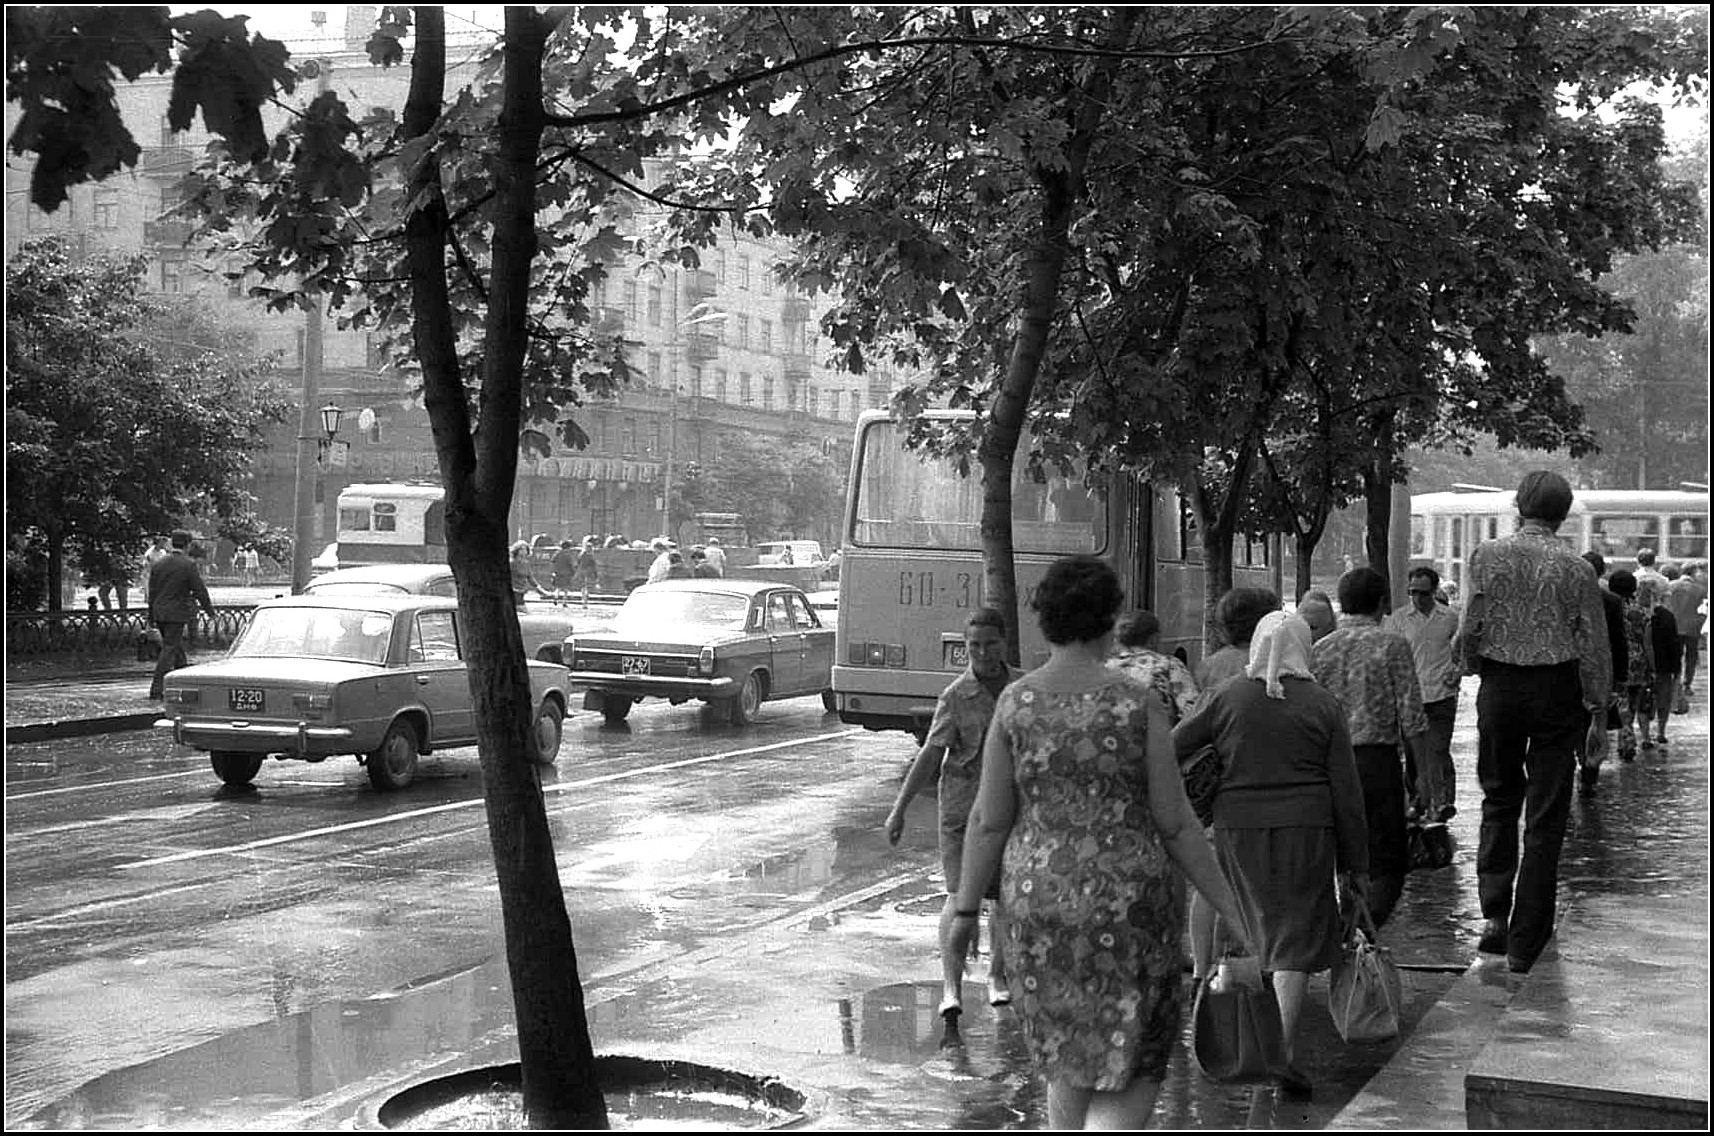 После дождя на пр. Карла Маркса,40 лет назад.